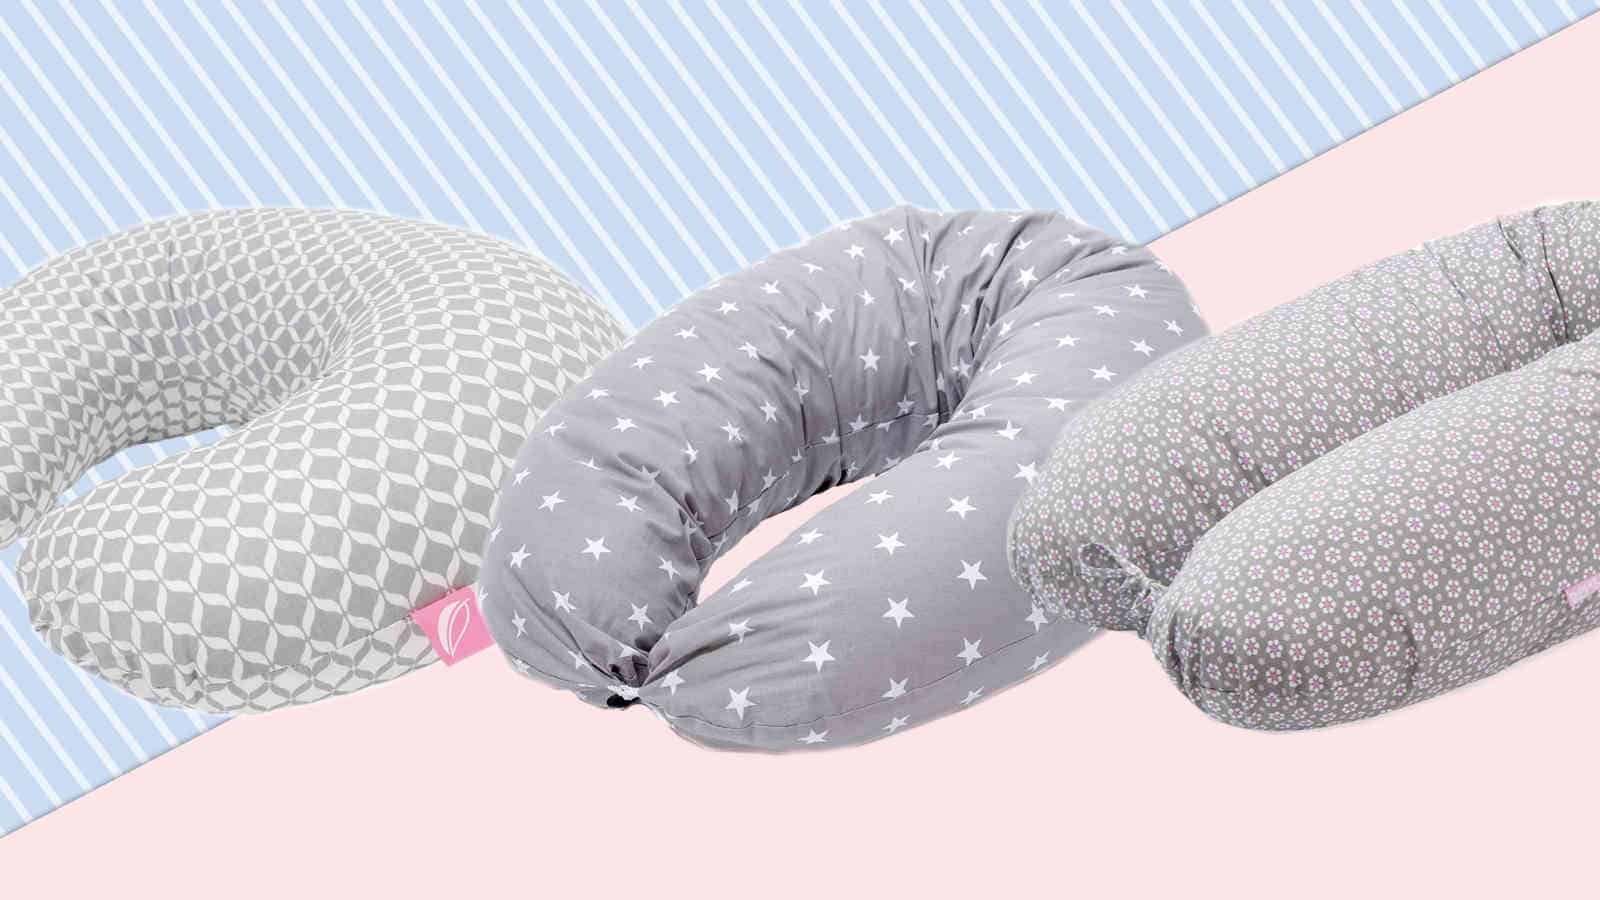 Stillkissen- Die besten 8 Schwangerschafts- & Stillkissen   Vergleich 2019